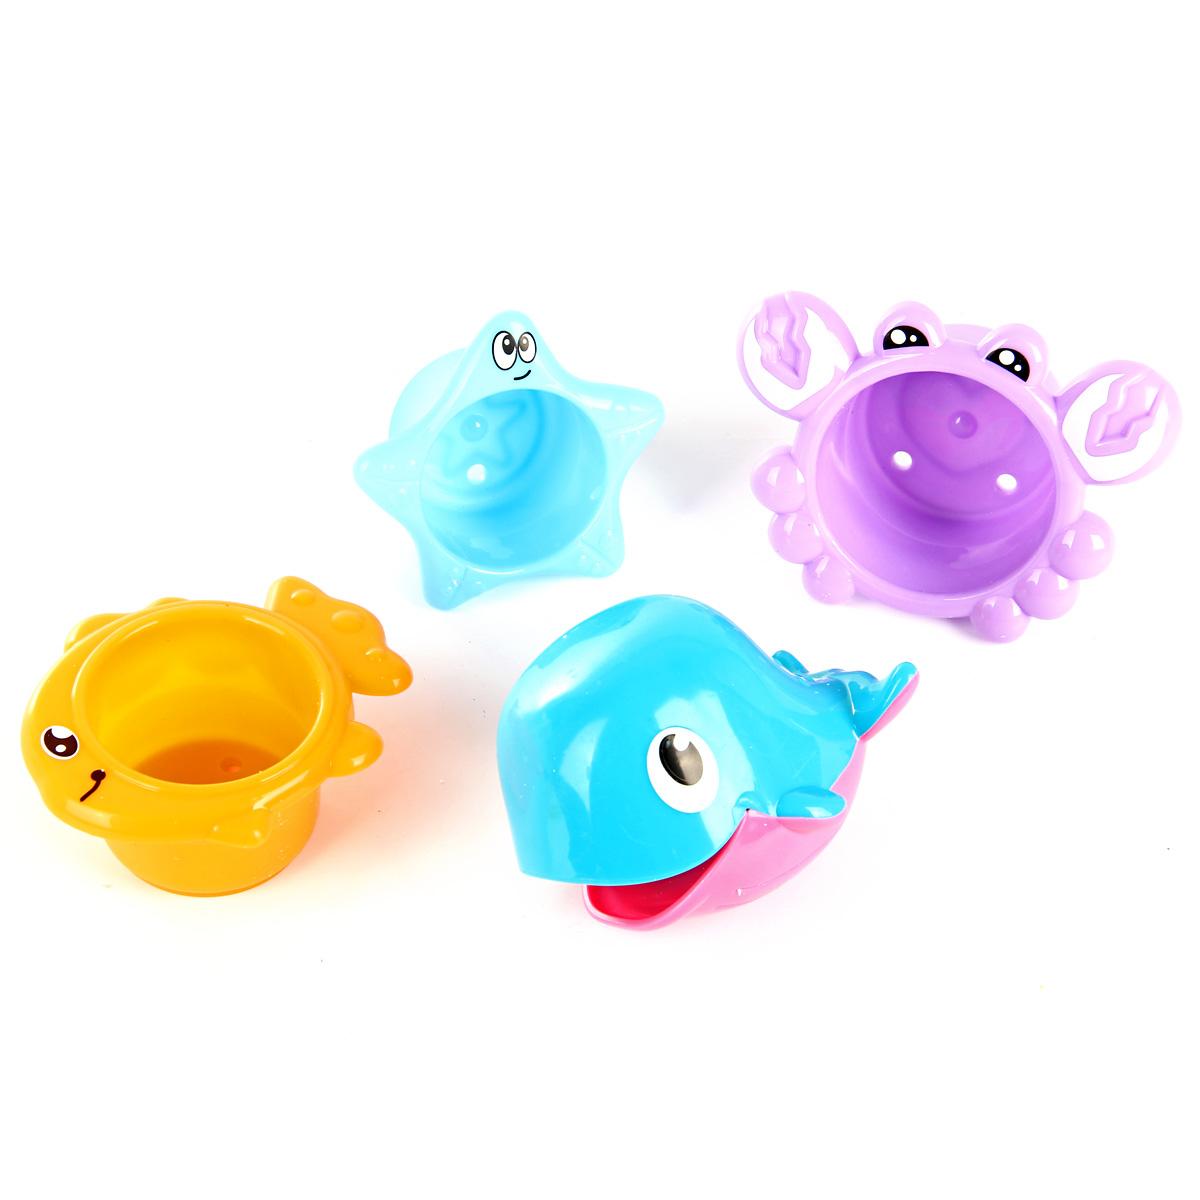 Игрушки для ванны Ути Пути Набор игрушек для ванны Ути Пути «Формочки. Дельфинчик» в асс. цена